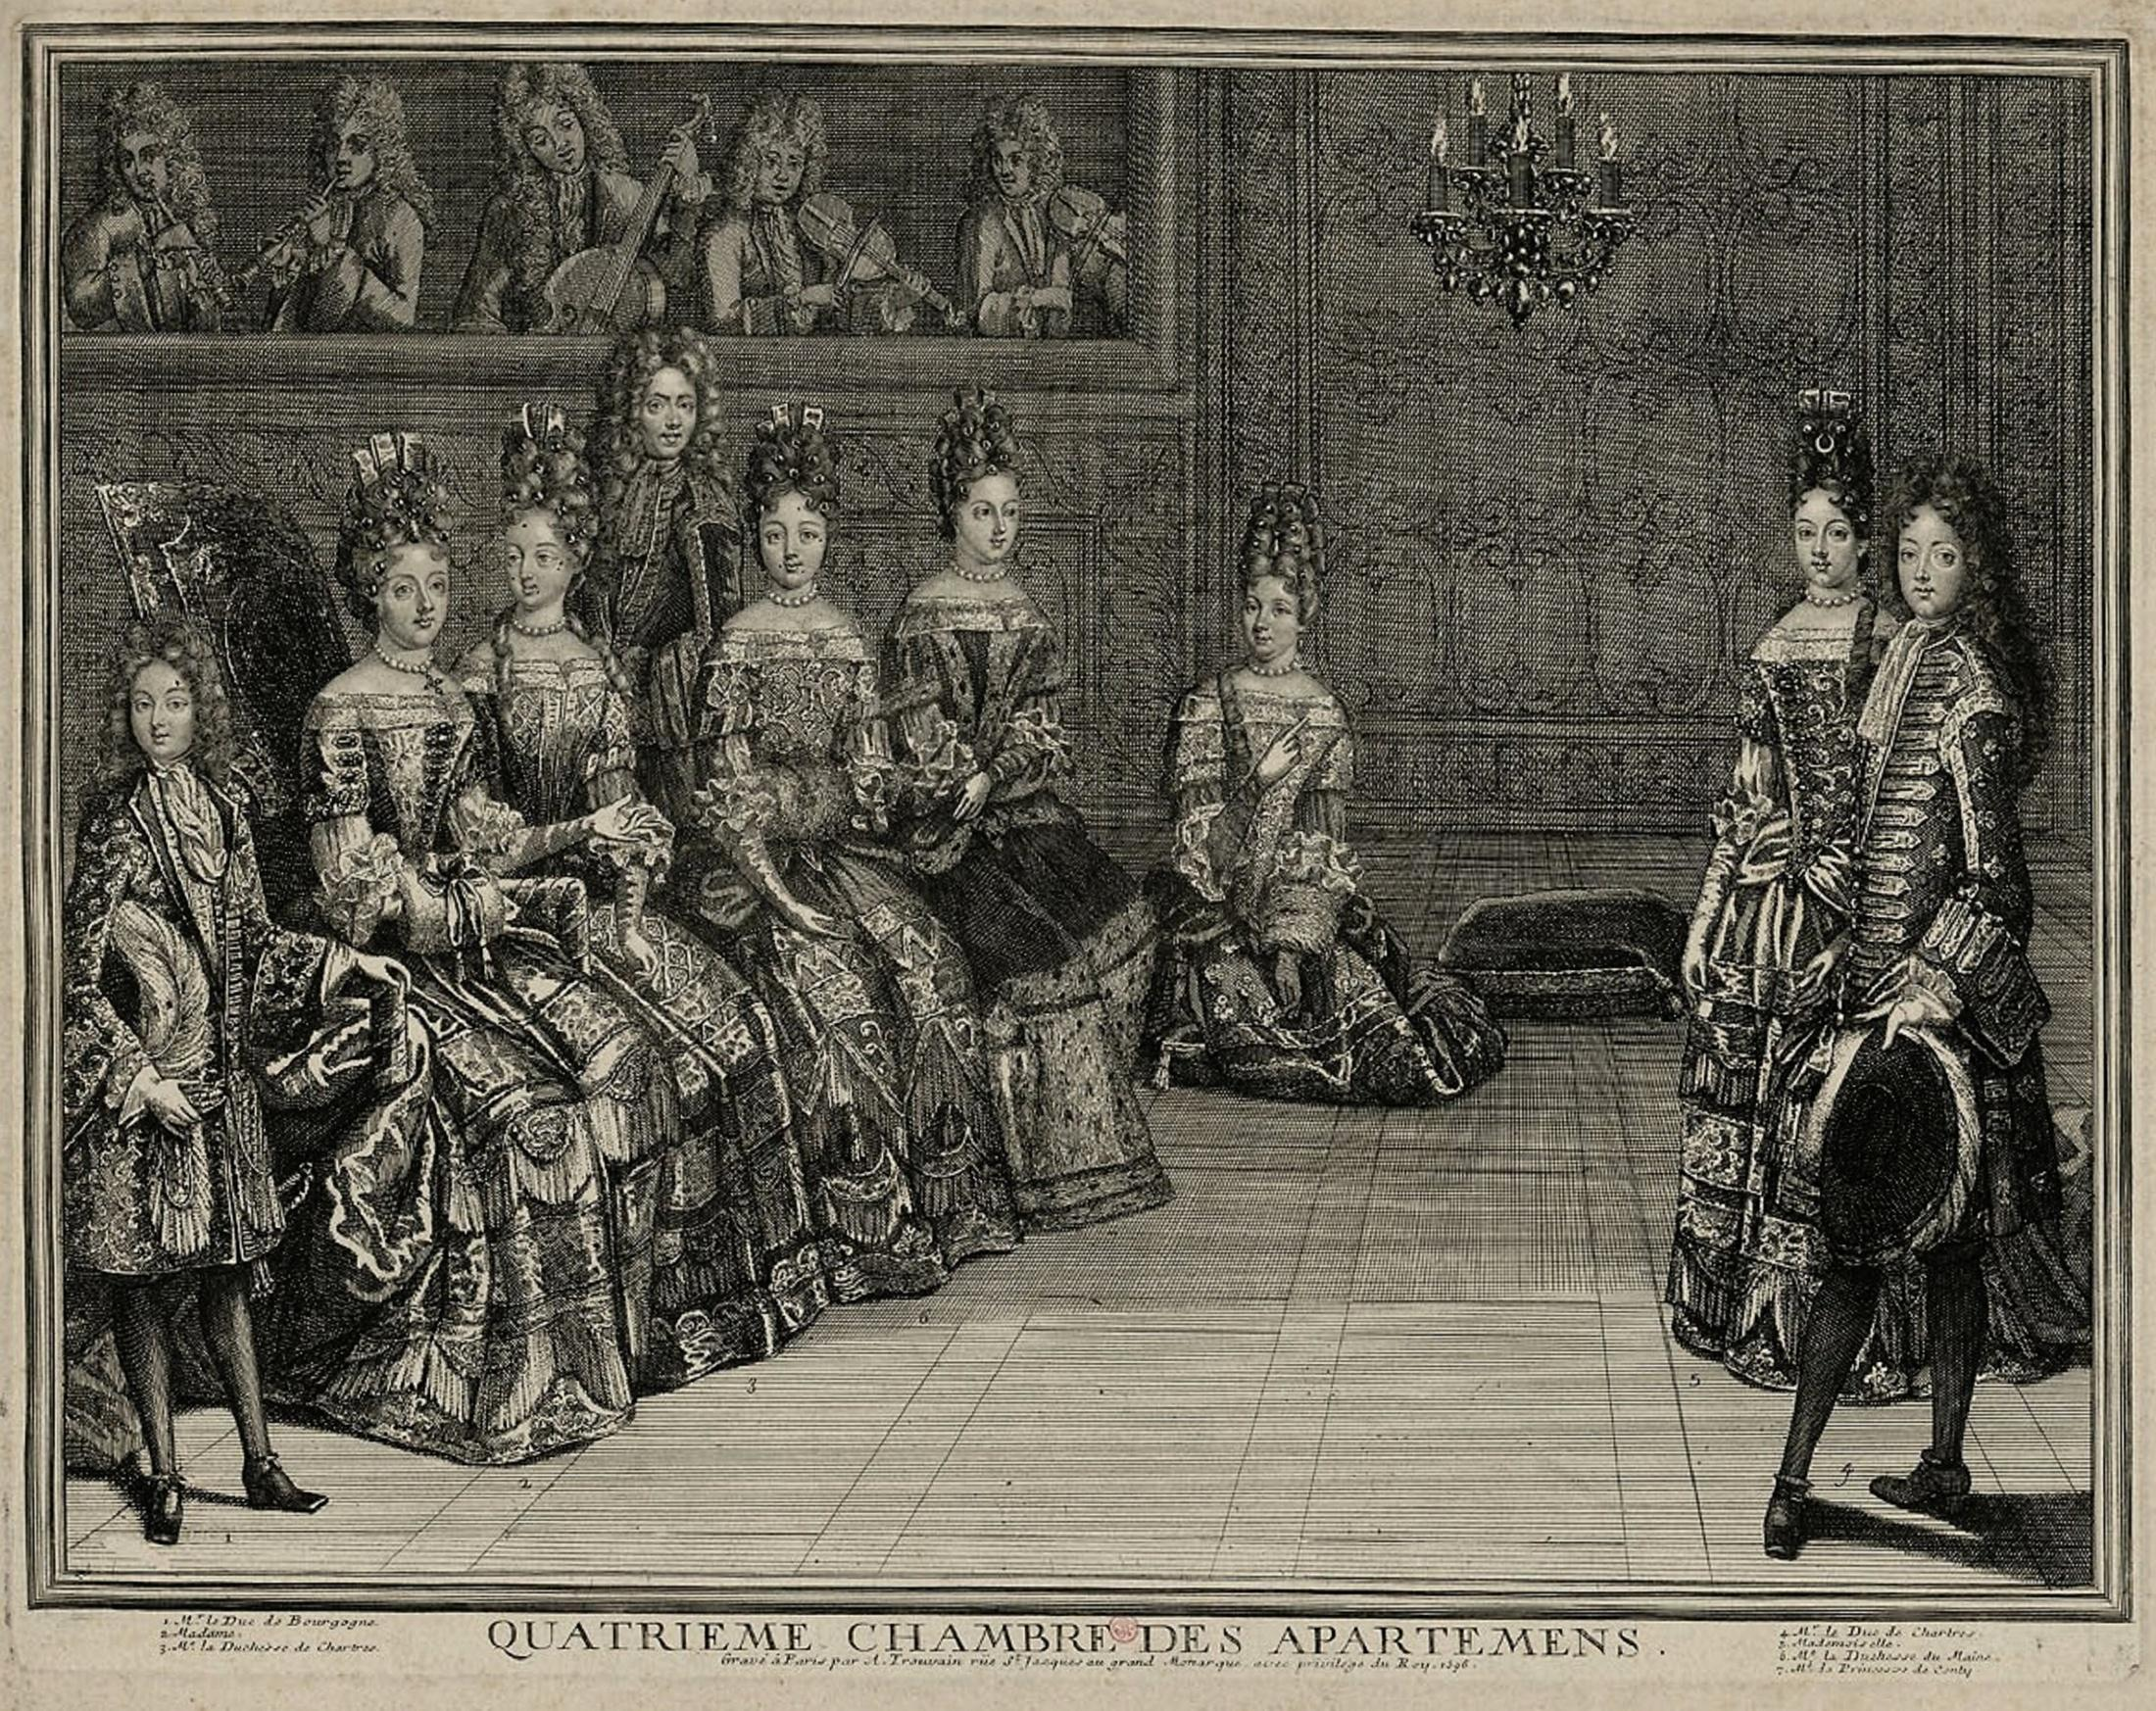 File:Quatrieme Chambre des Apartments 1696, Versailles.jpg